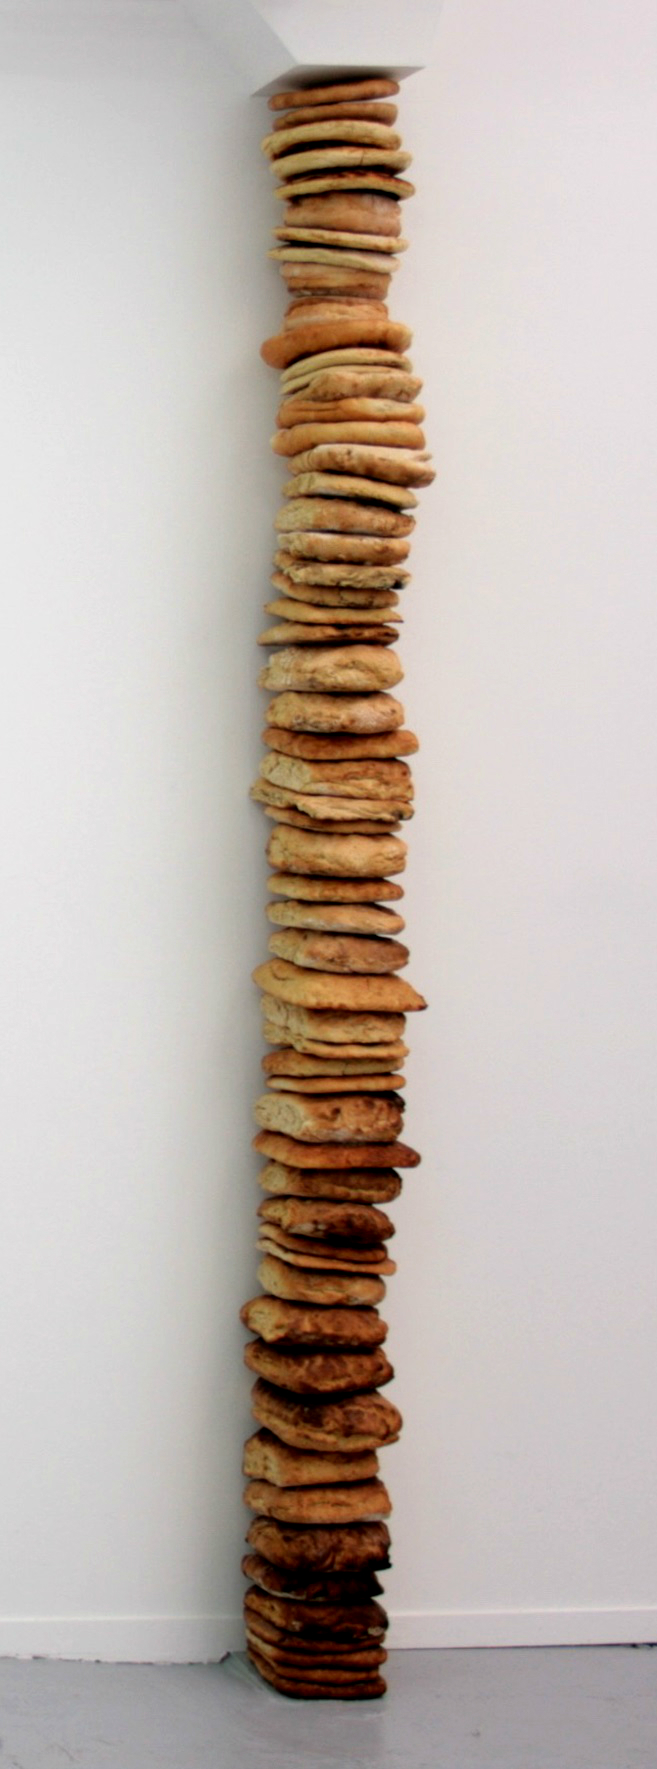 09-coraline-de-chiara-d-une-ligne-issue-de-lignes-pains-2016